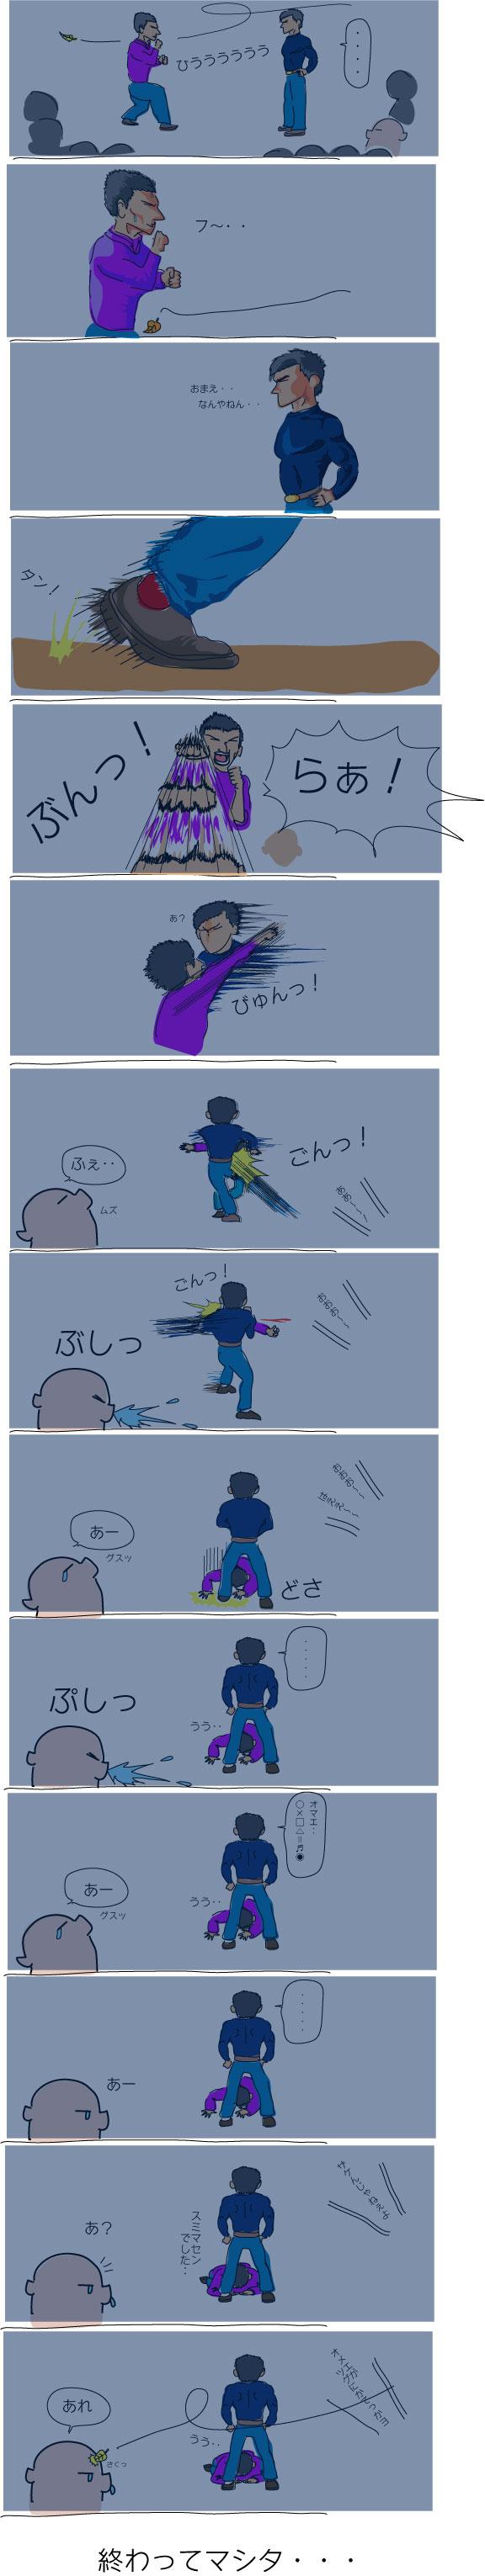 ケンジアニキ4